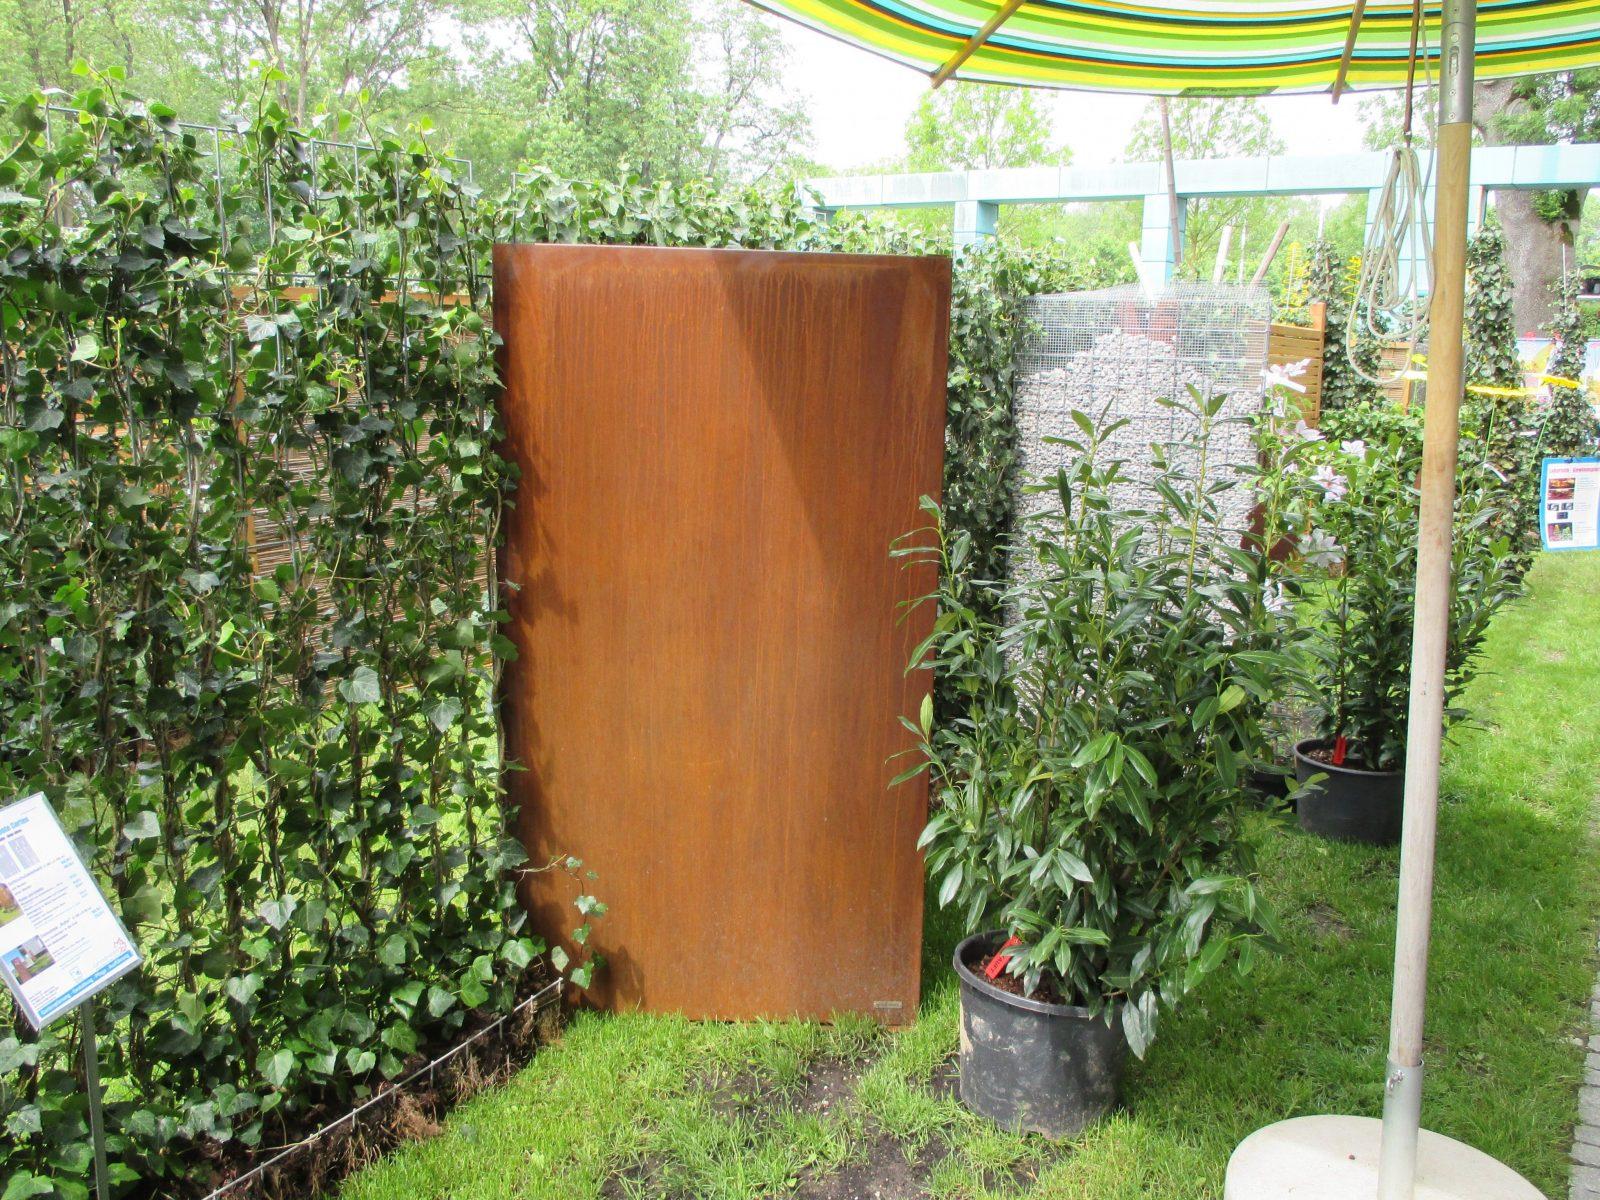 Sichtschutz Cortenstahl Vista 180 X 100 Ohne Motiv  Wwwgarten von Cortenstahl Sichtschutz Für Garten Bild